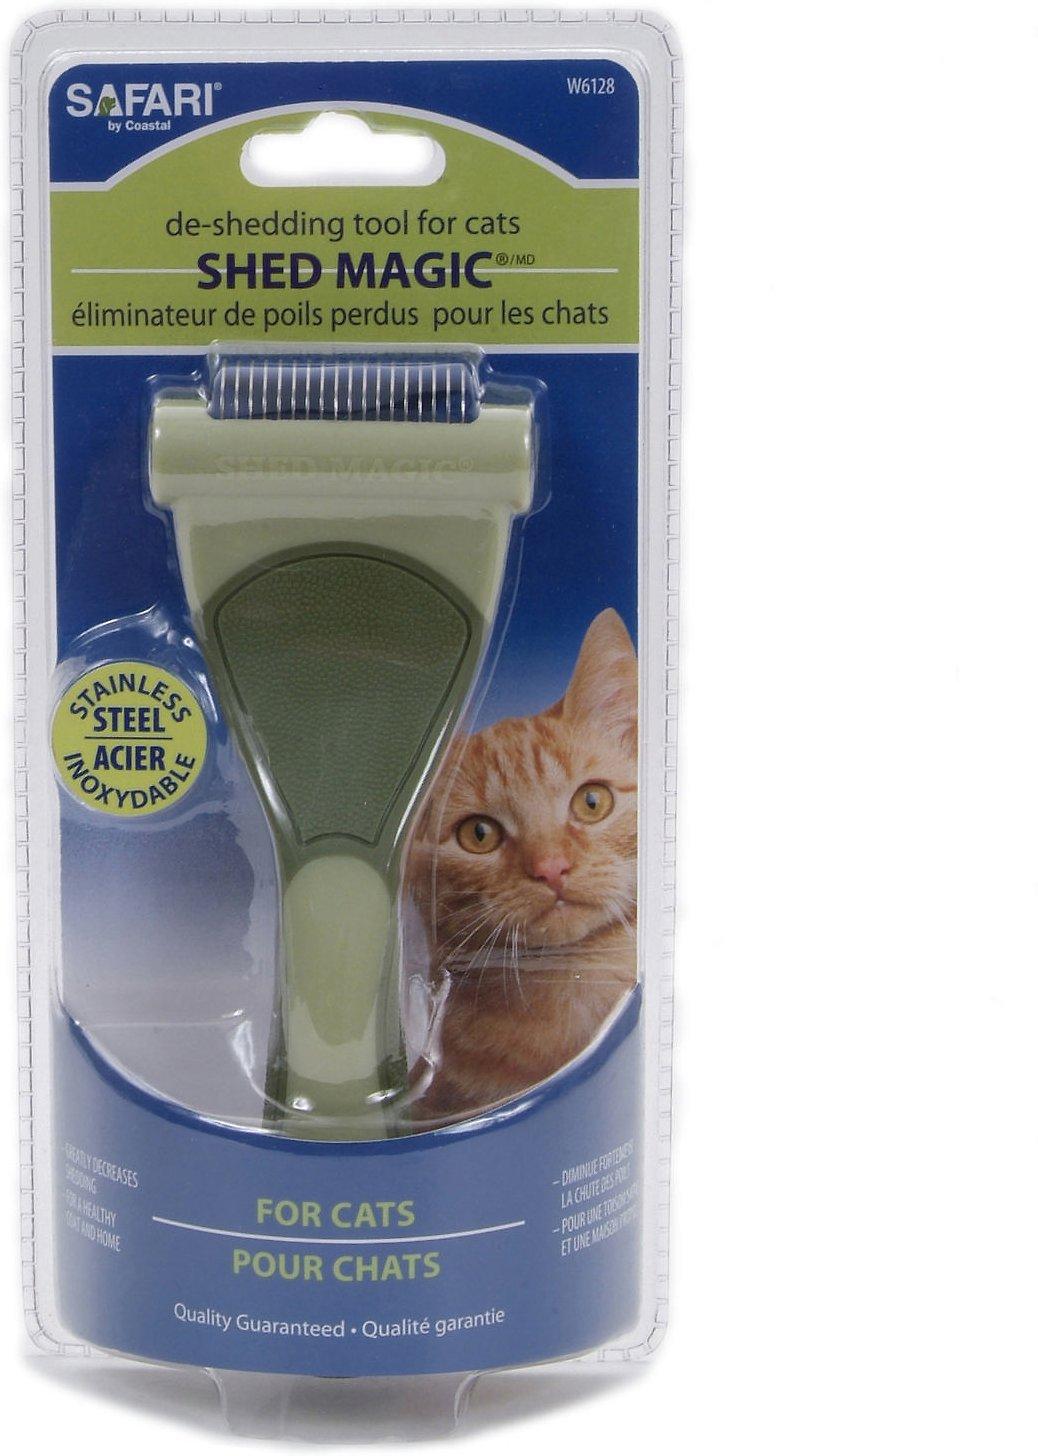 Safari Shed Magic De-Shedding Tool for Cats